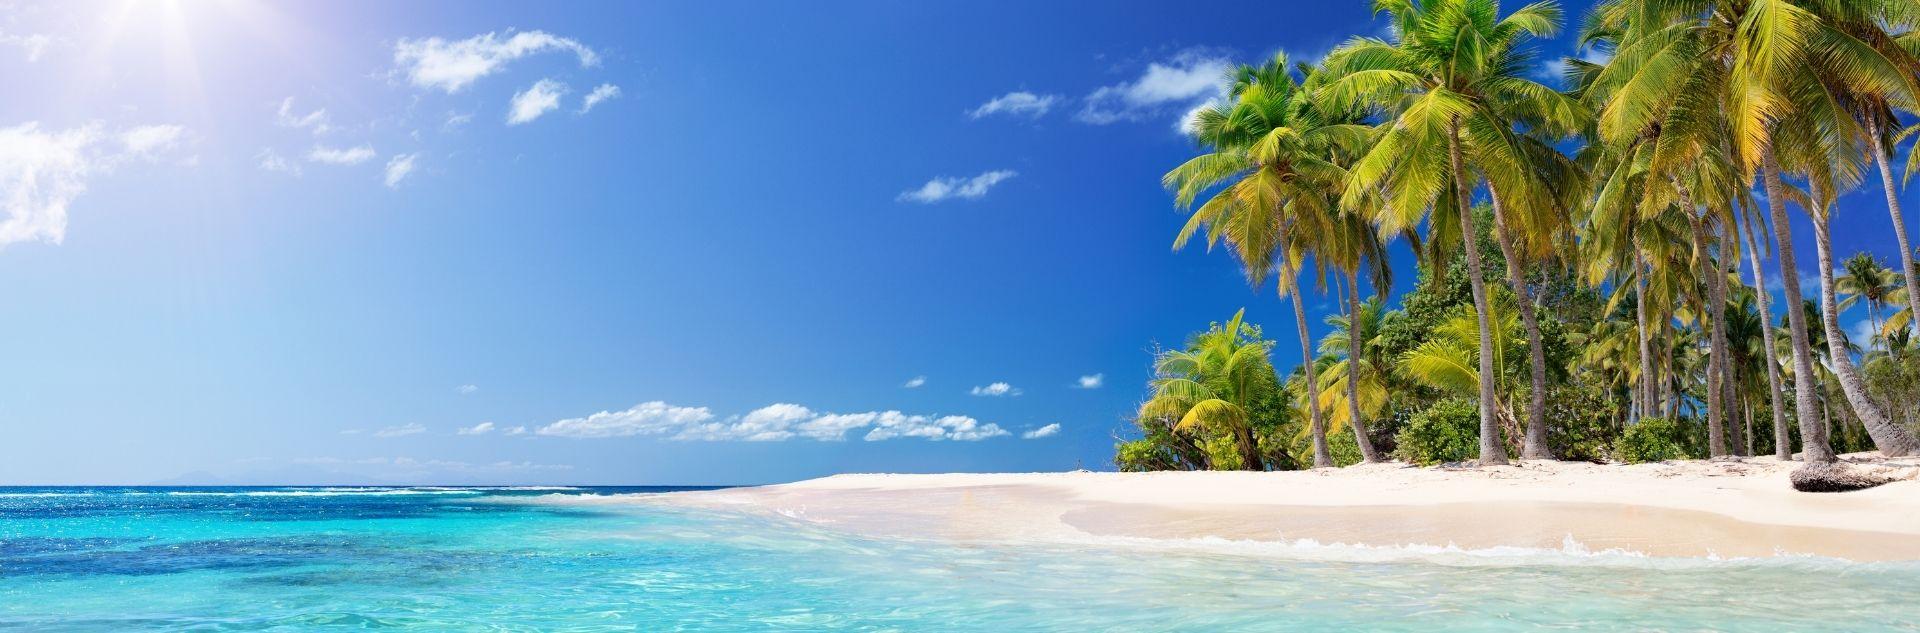 Karibik Palmen am Strand